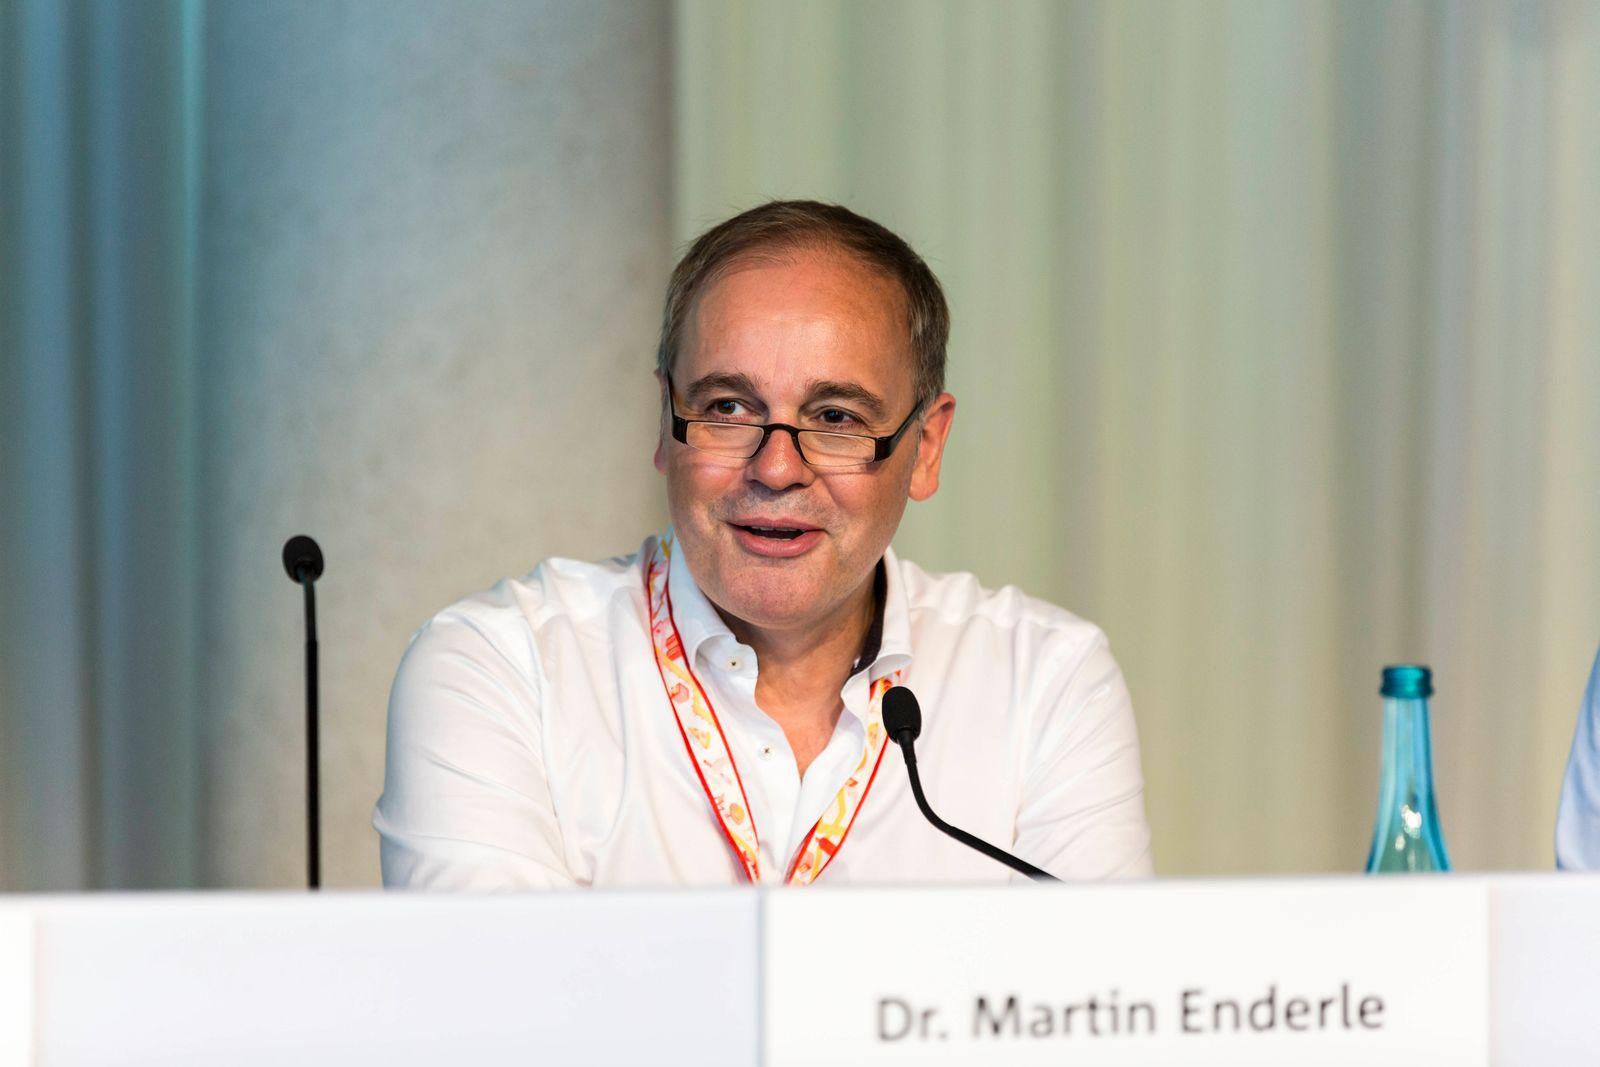 Dr. Martin Enderle (Aufsichtsratsvorsitzende) bei der Delivery Hero AG Hauptversammlung am 06.06.2018 in Berlin im Cafe